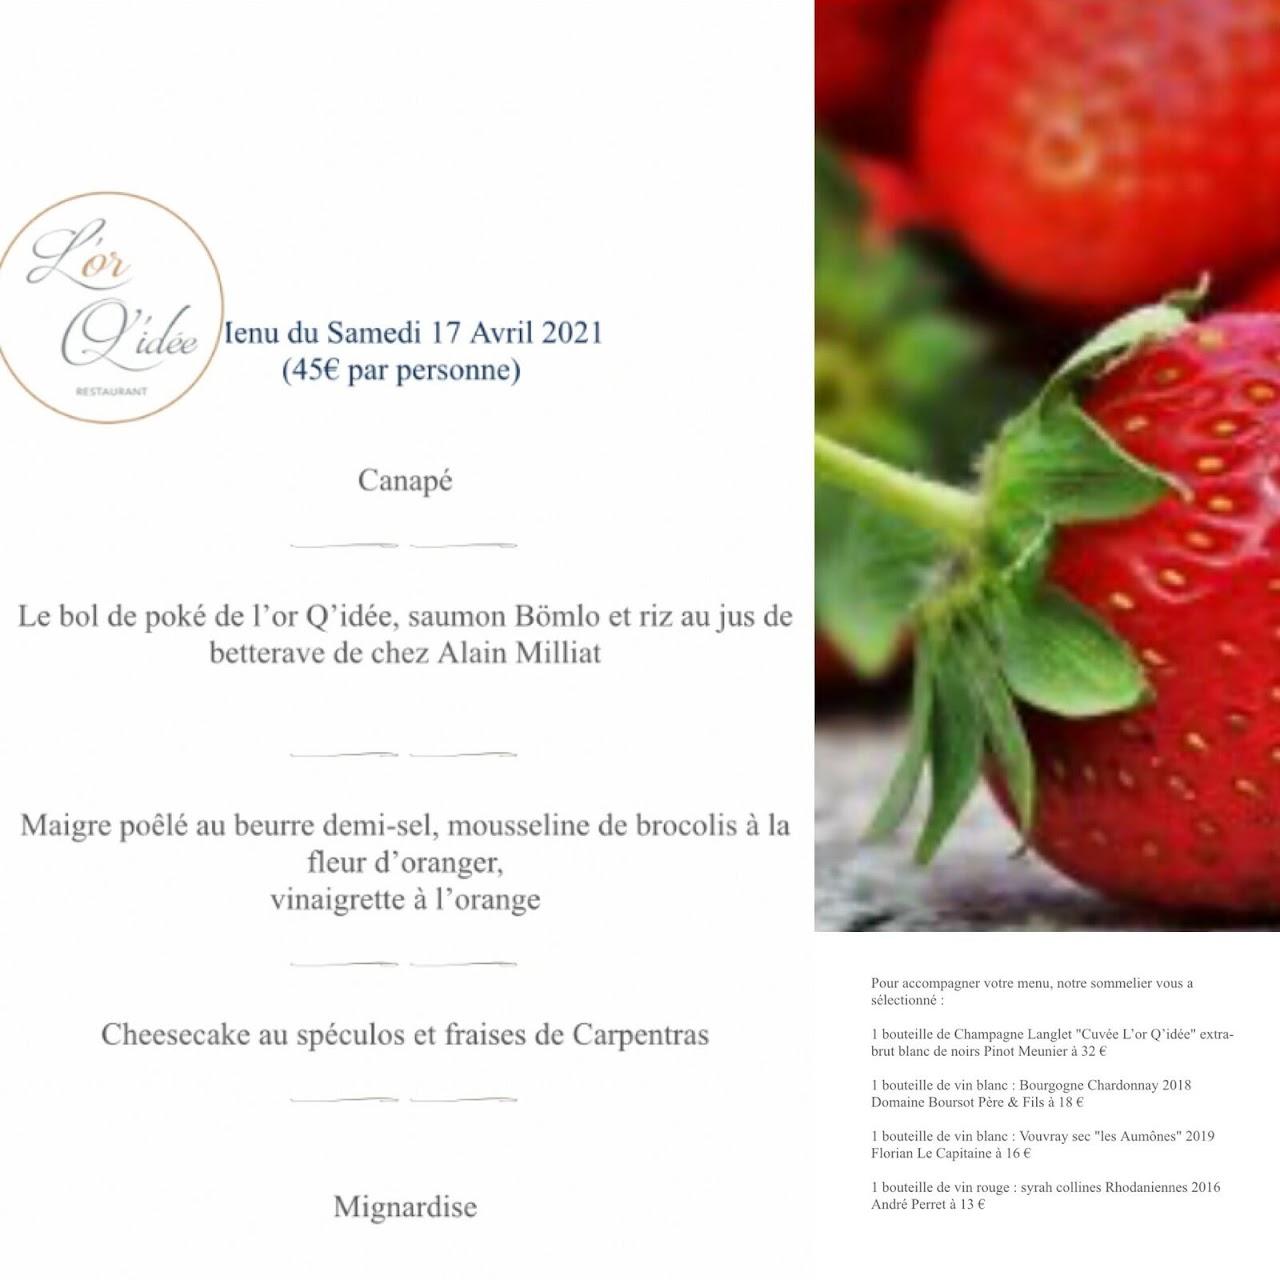 Le menu du 17 avril